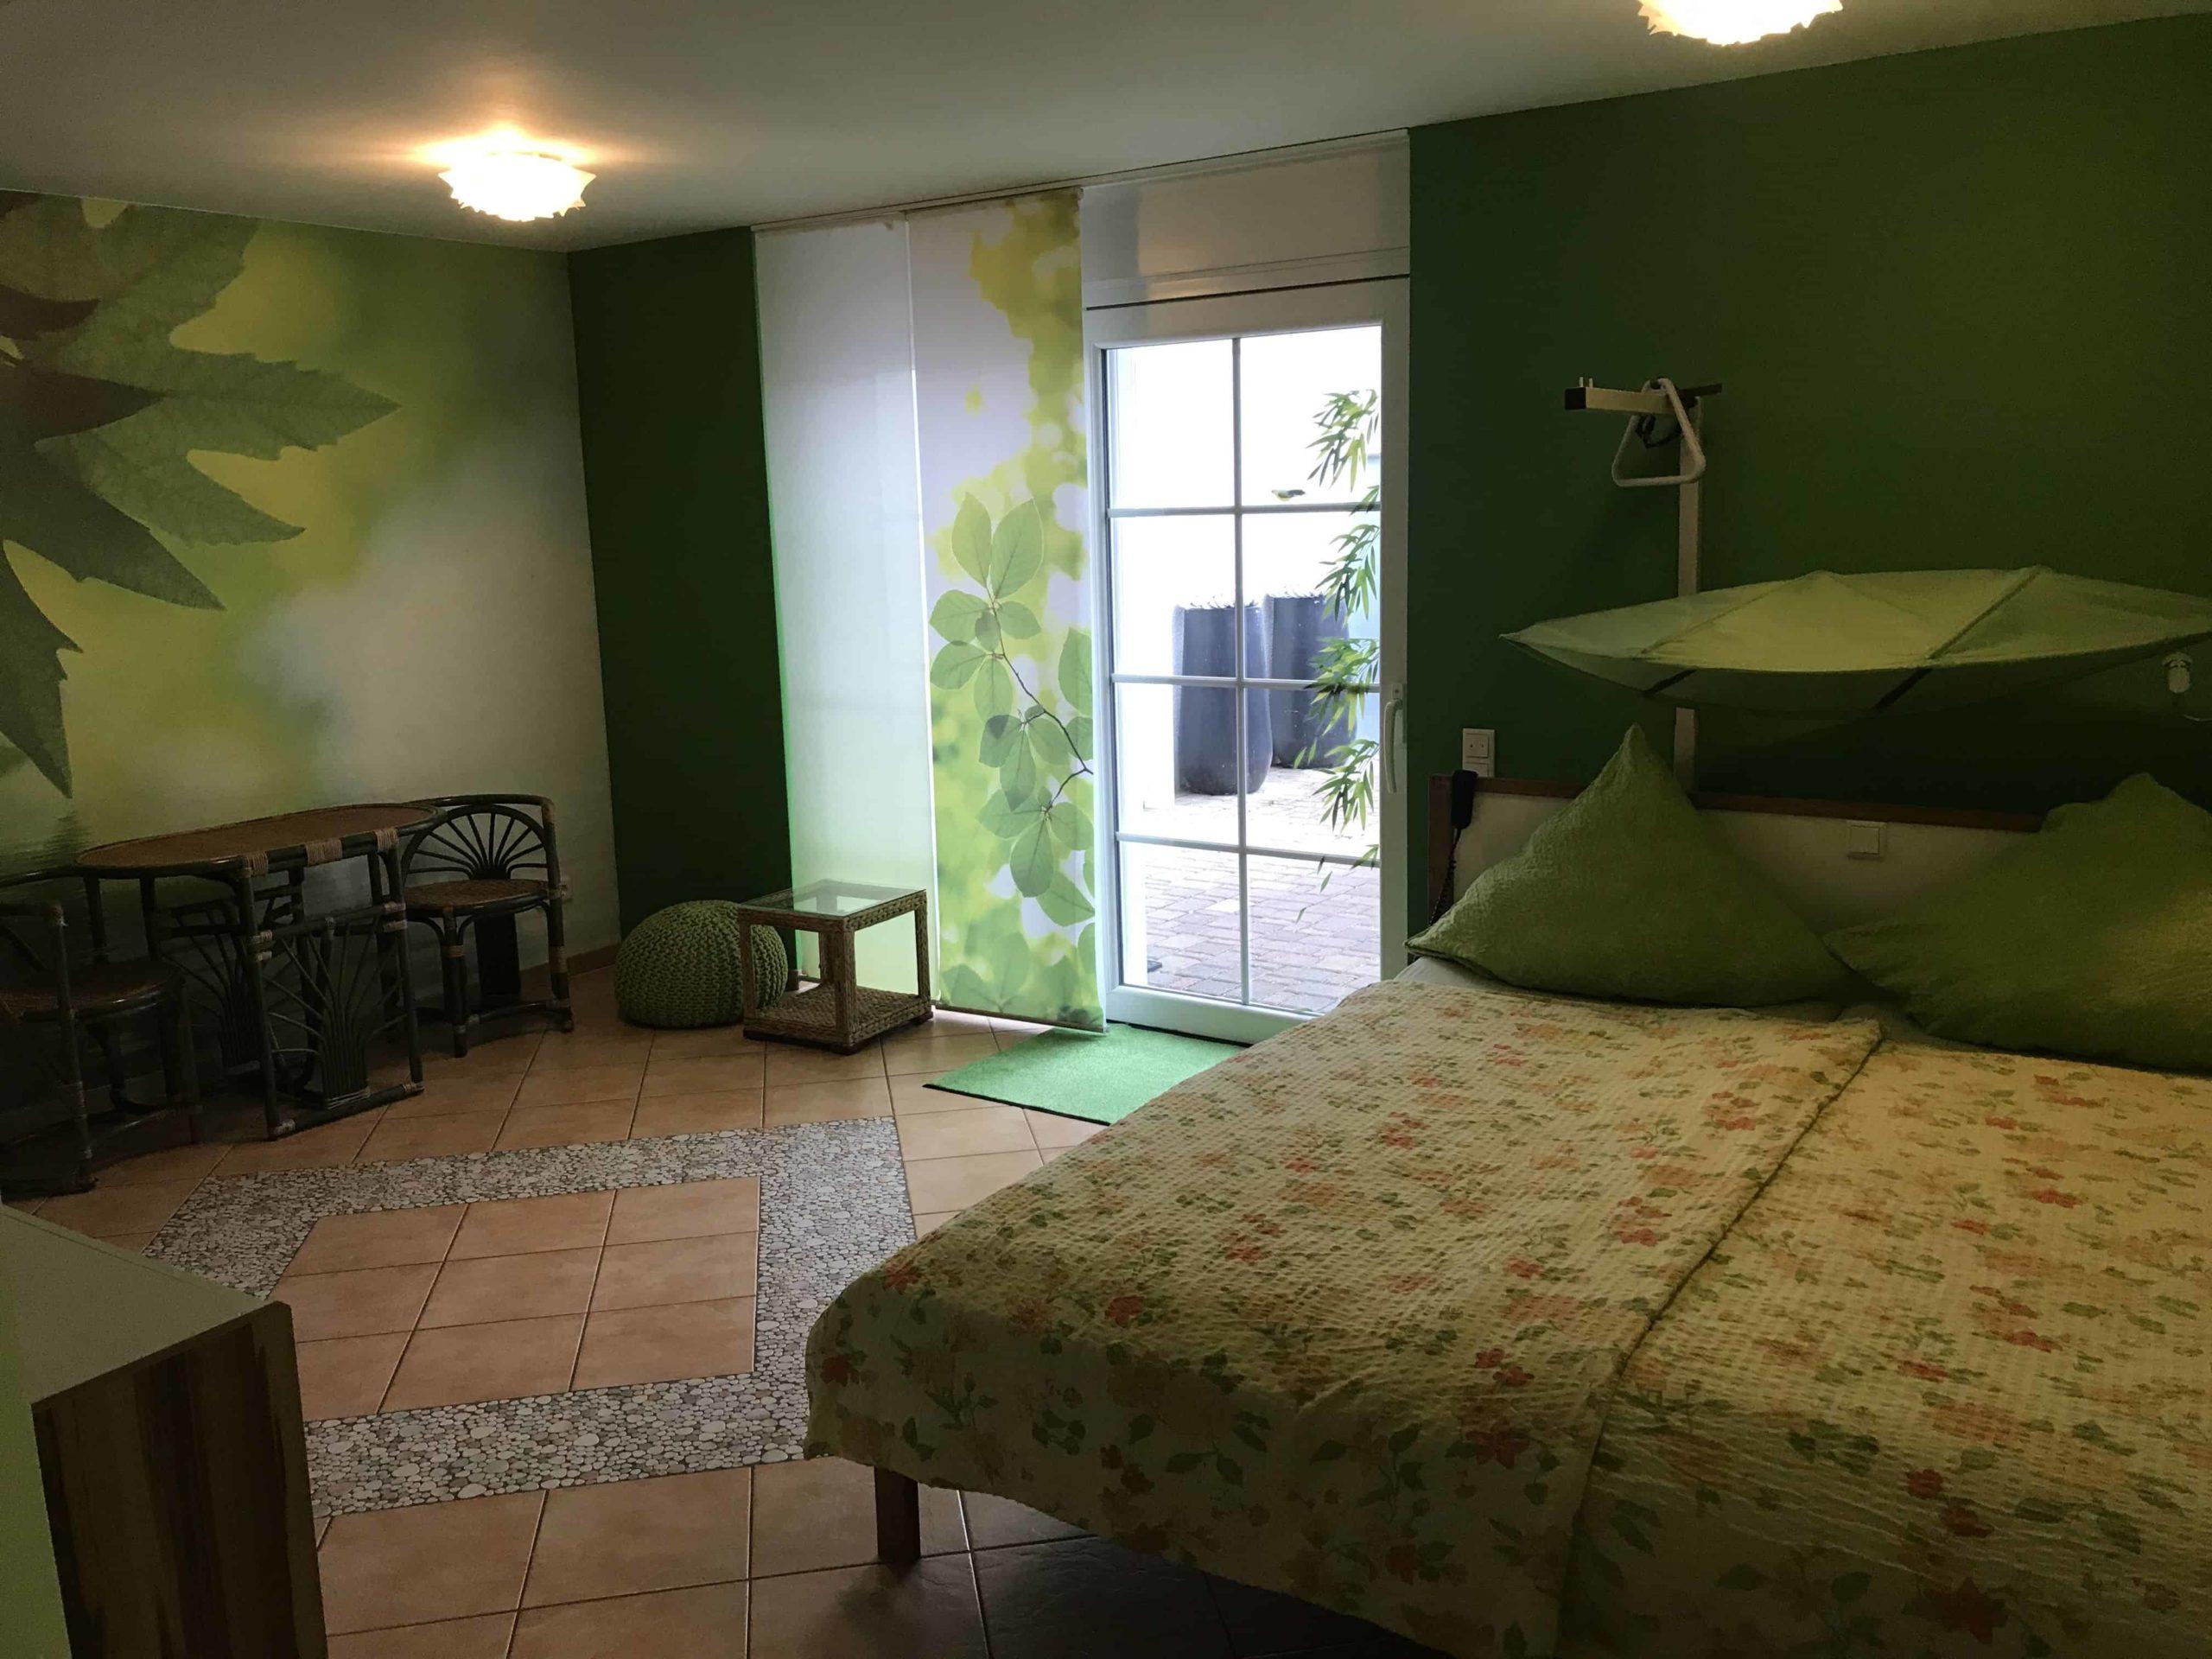 habitación accesible y con tonos verdes